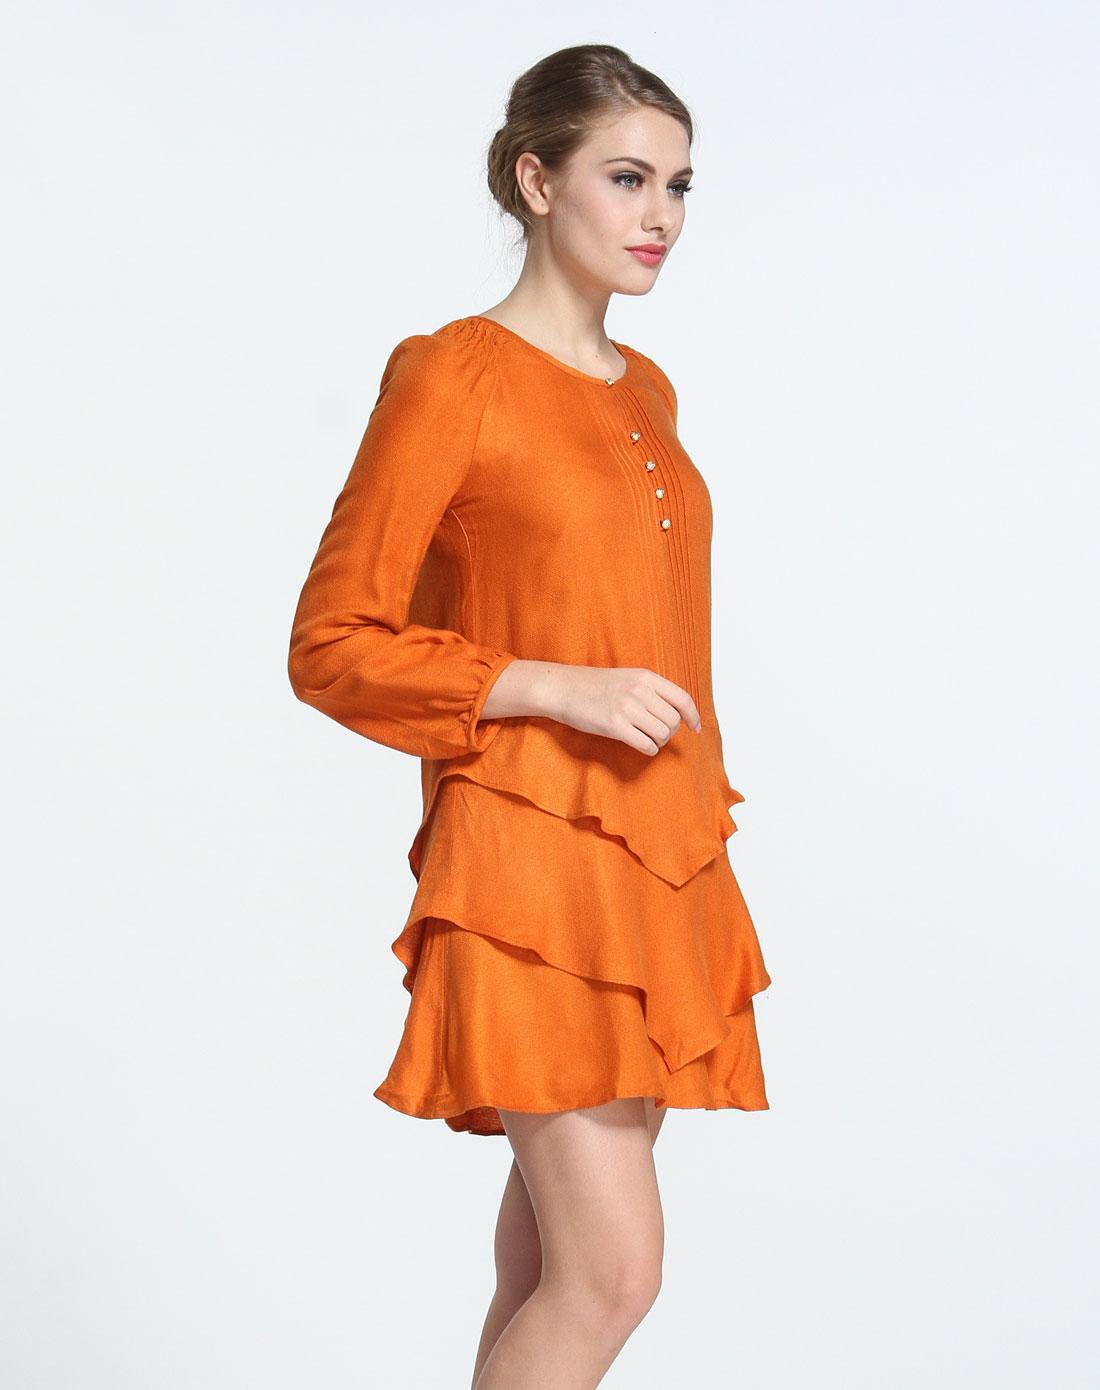 橙色长袖连衣裙图片